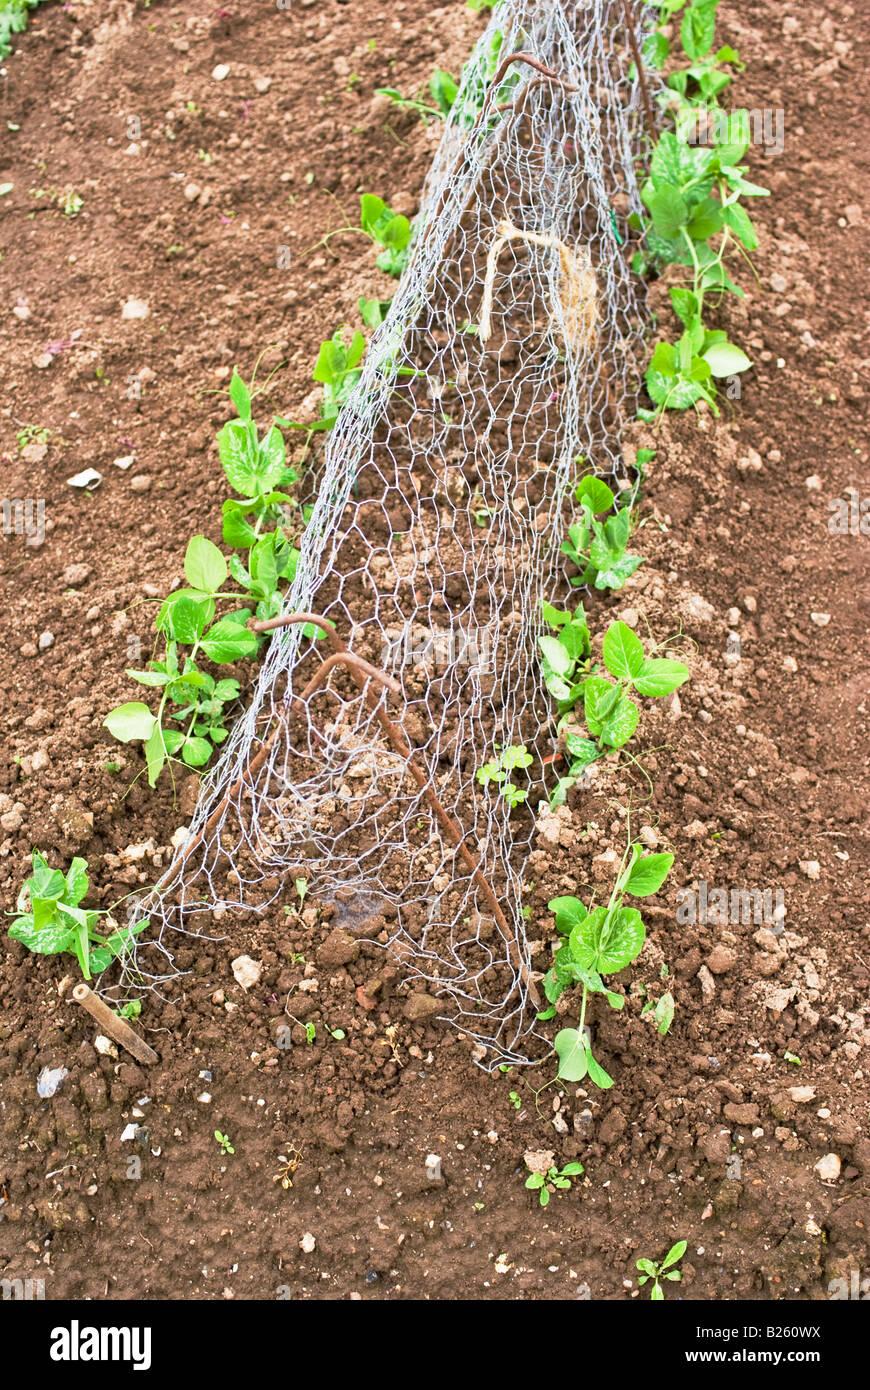 Wire Support Stockfotos & Wire Support Bilder - Alamy